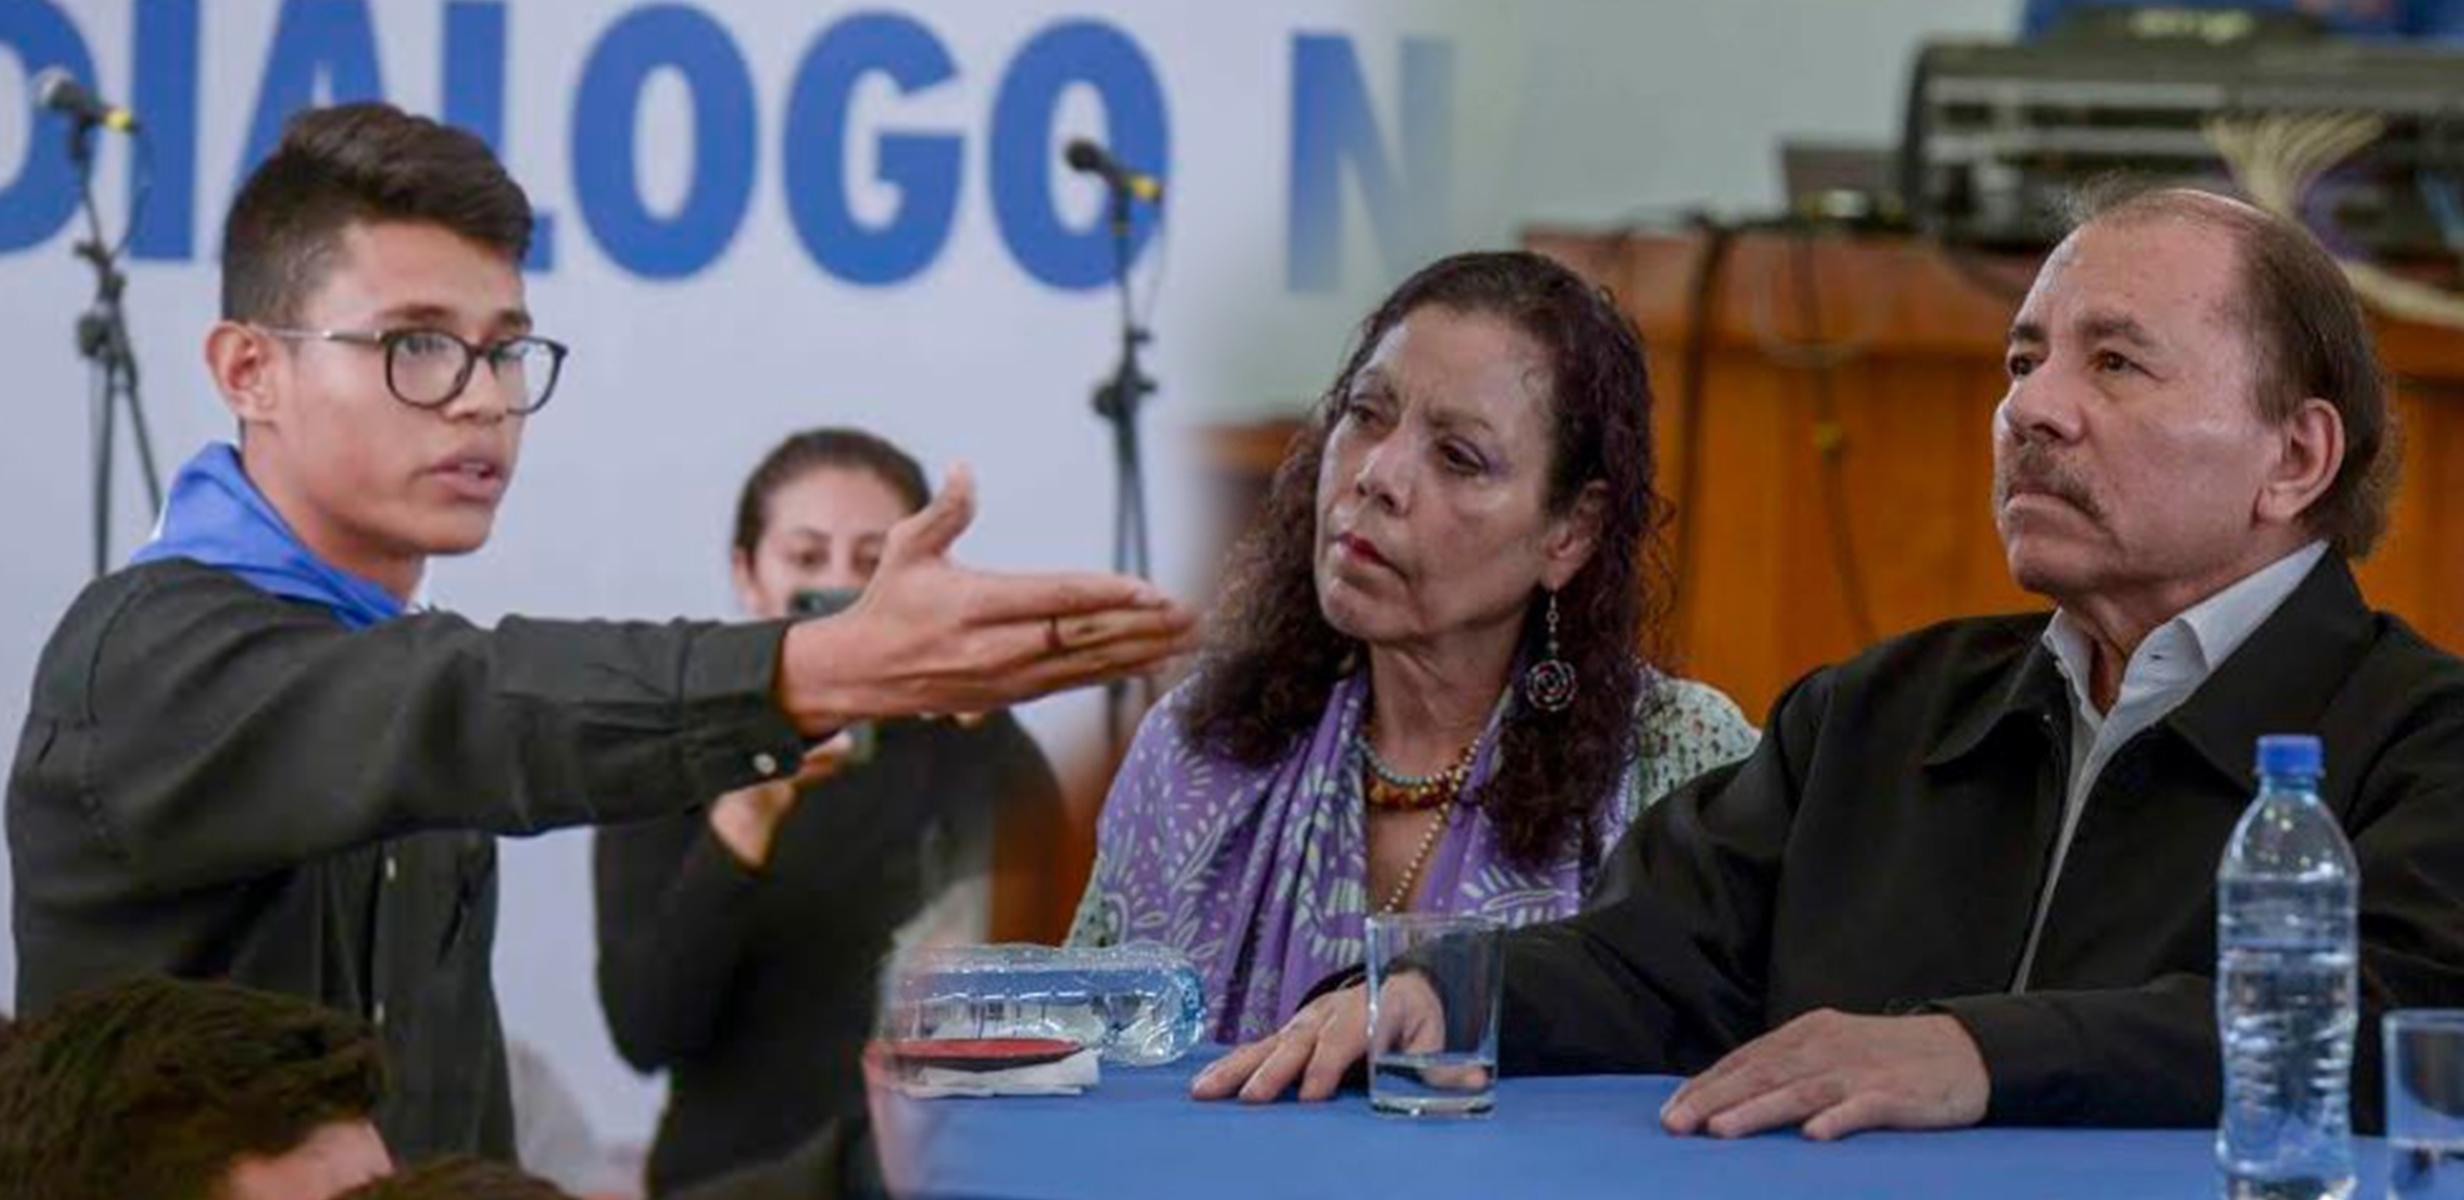 Lesther Alemán expone exigencias del pueblo nicaragüense. Fotos: La Prensa